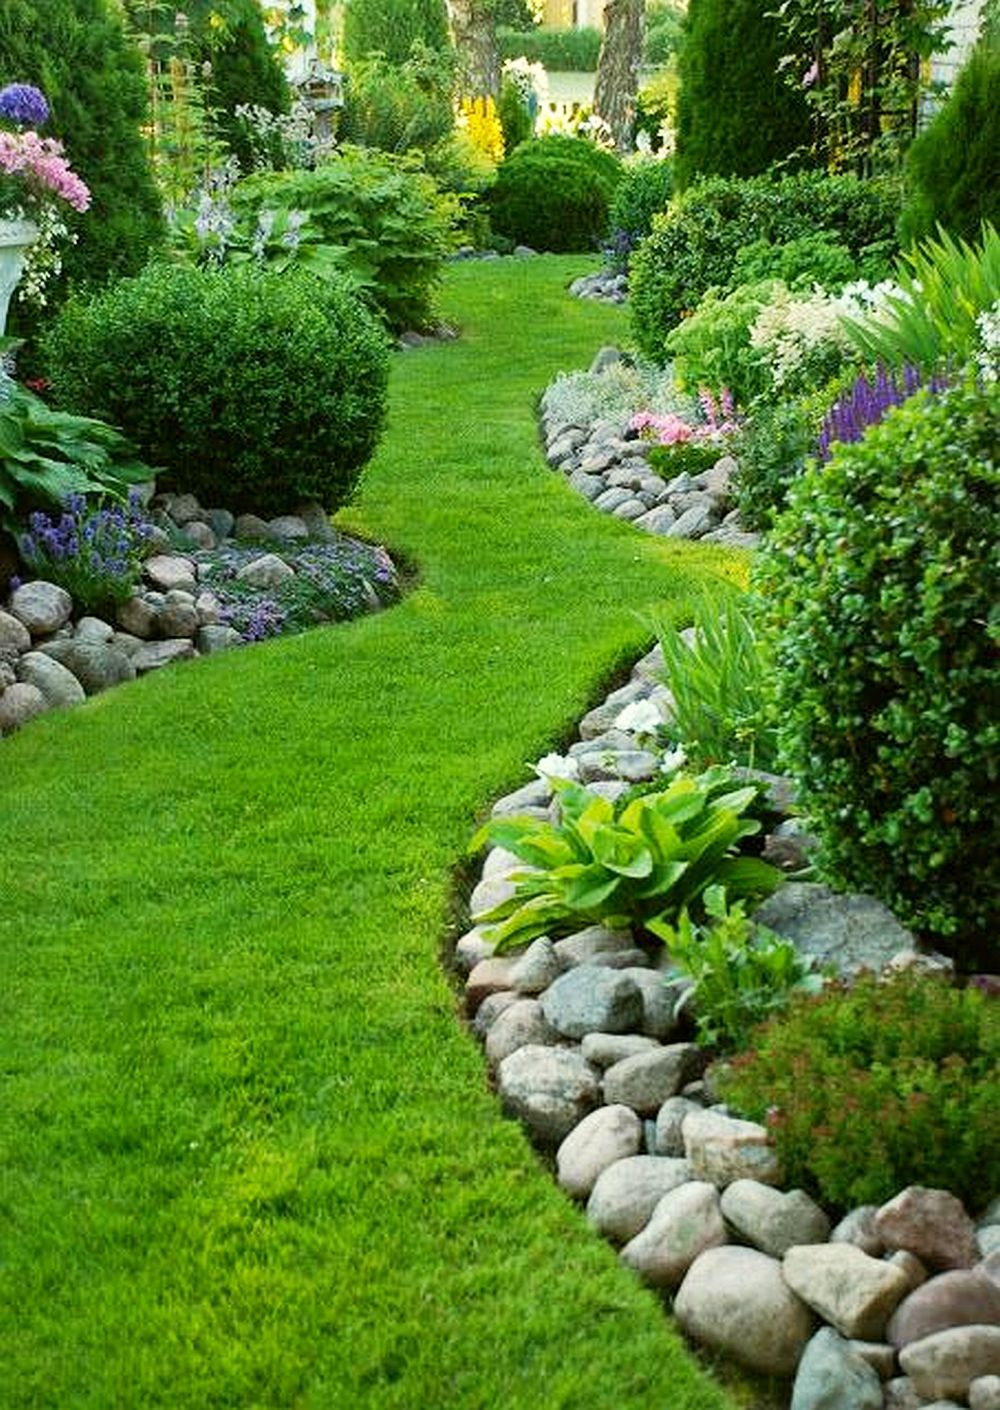 inspiring small garden ideas #BackyardLandscapingIdeas #Garden #GardenIdeas